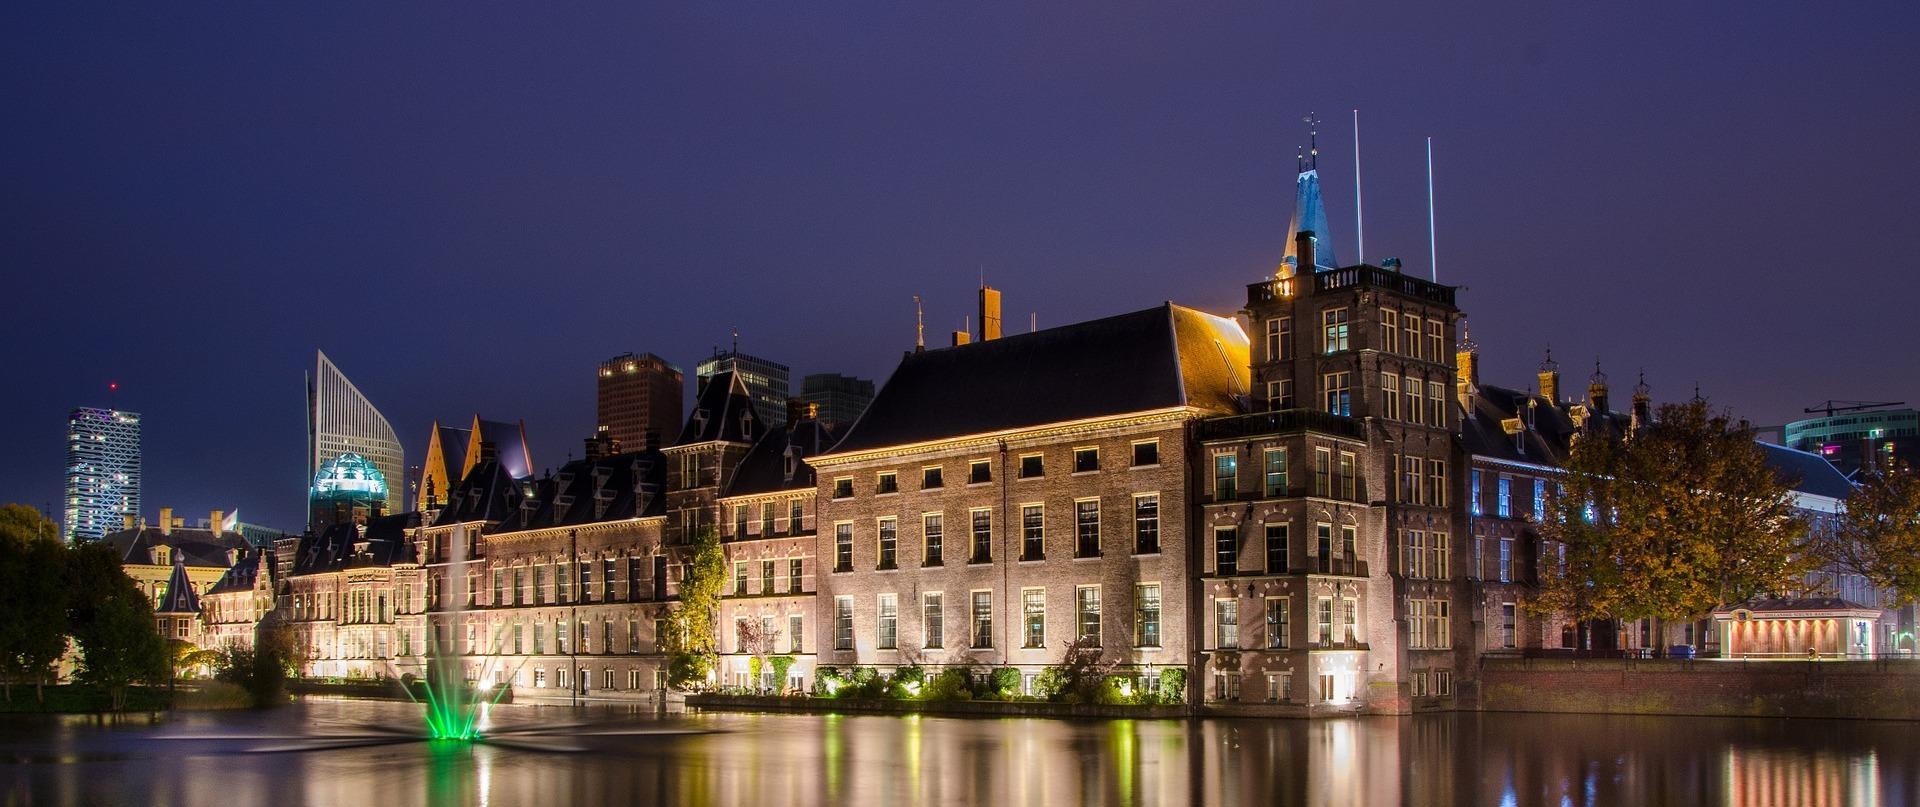 Verhuurd Huis Appartement Verkopen in Den Haag